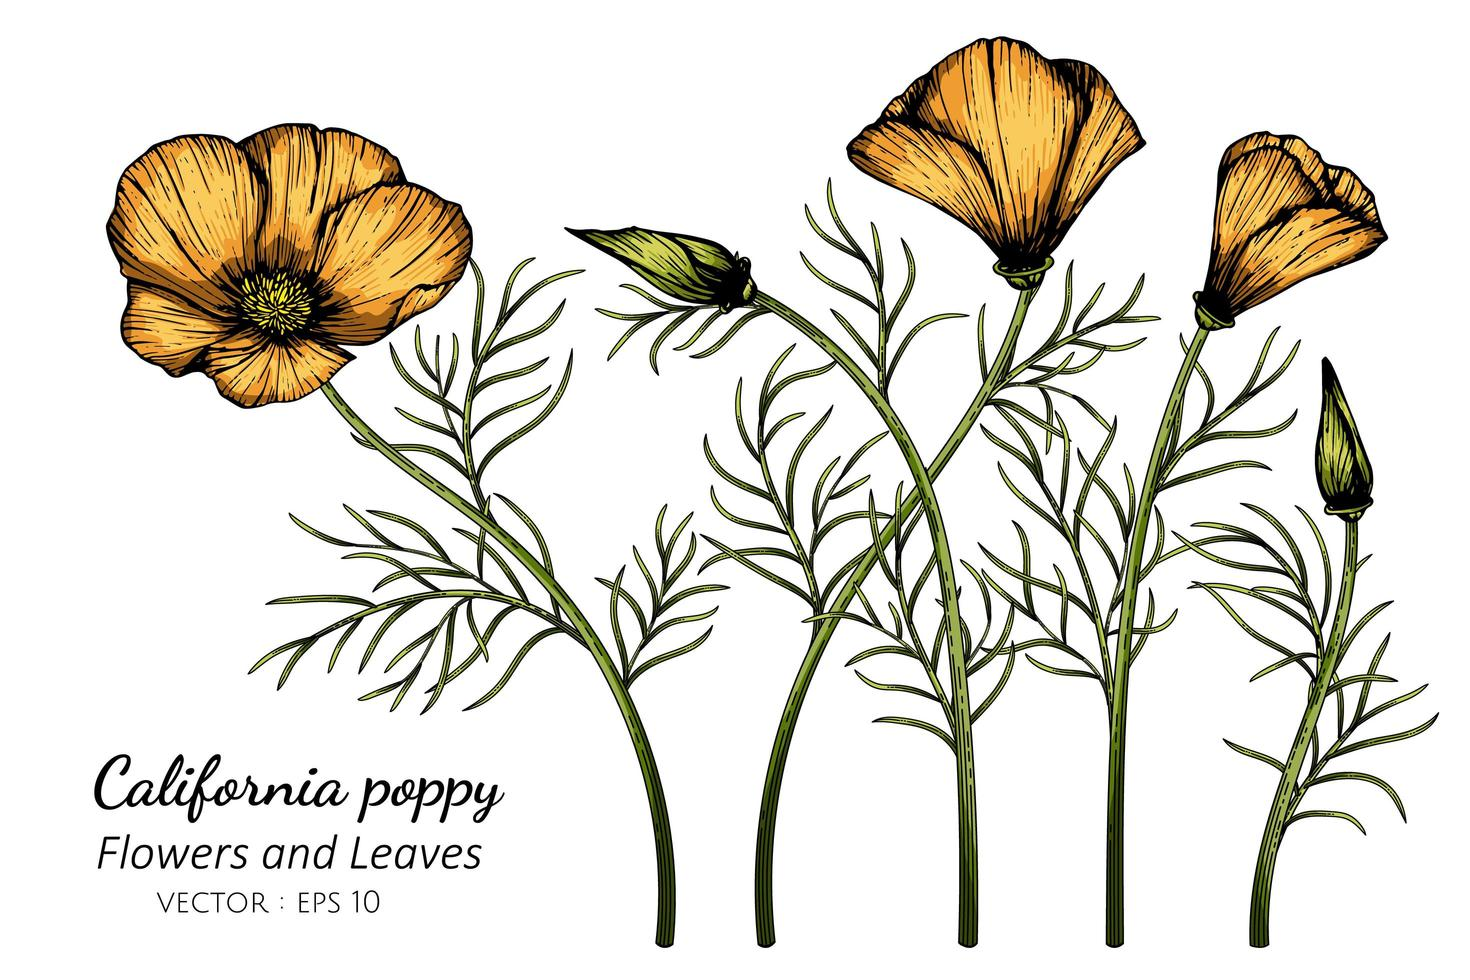 disegno arancione del fiore del papavero della California vettore